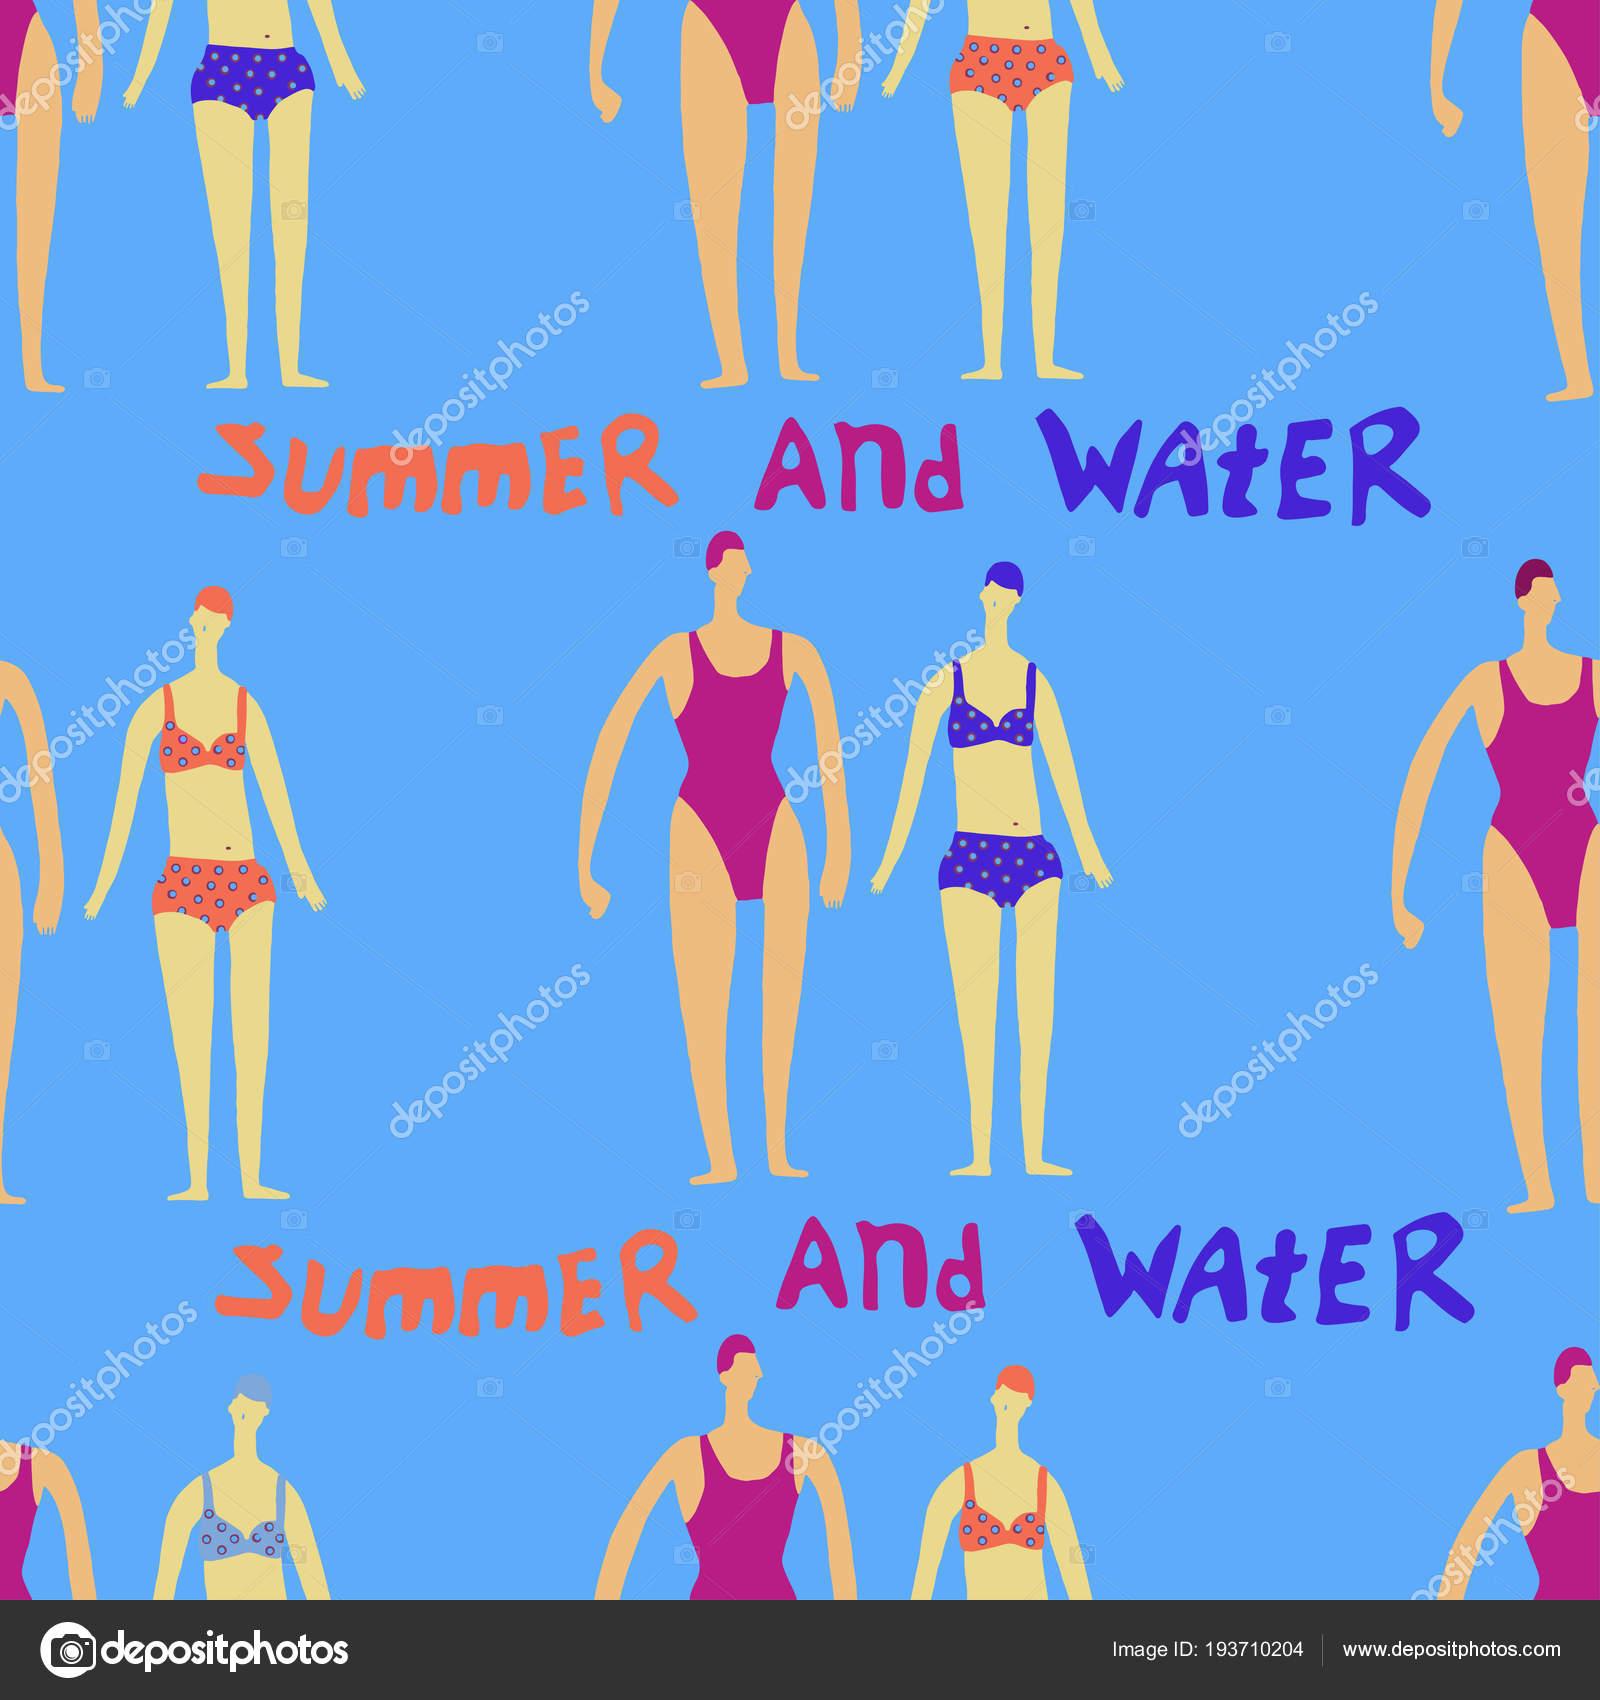 夏と水のテーマ ベクトル イラストのかわいい漫画男性と女性キャラクター